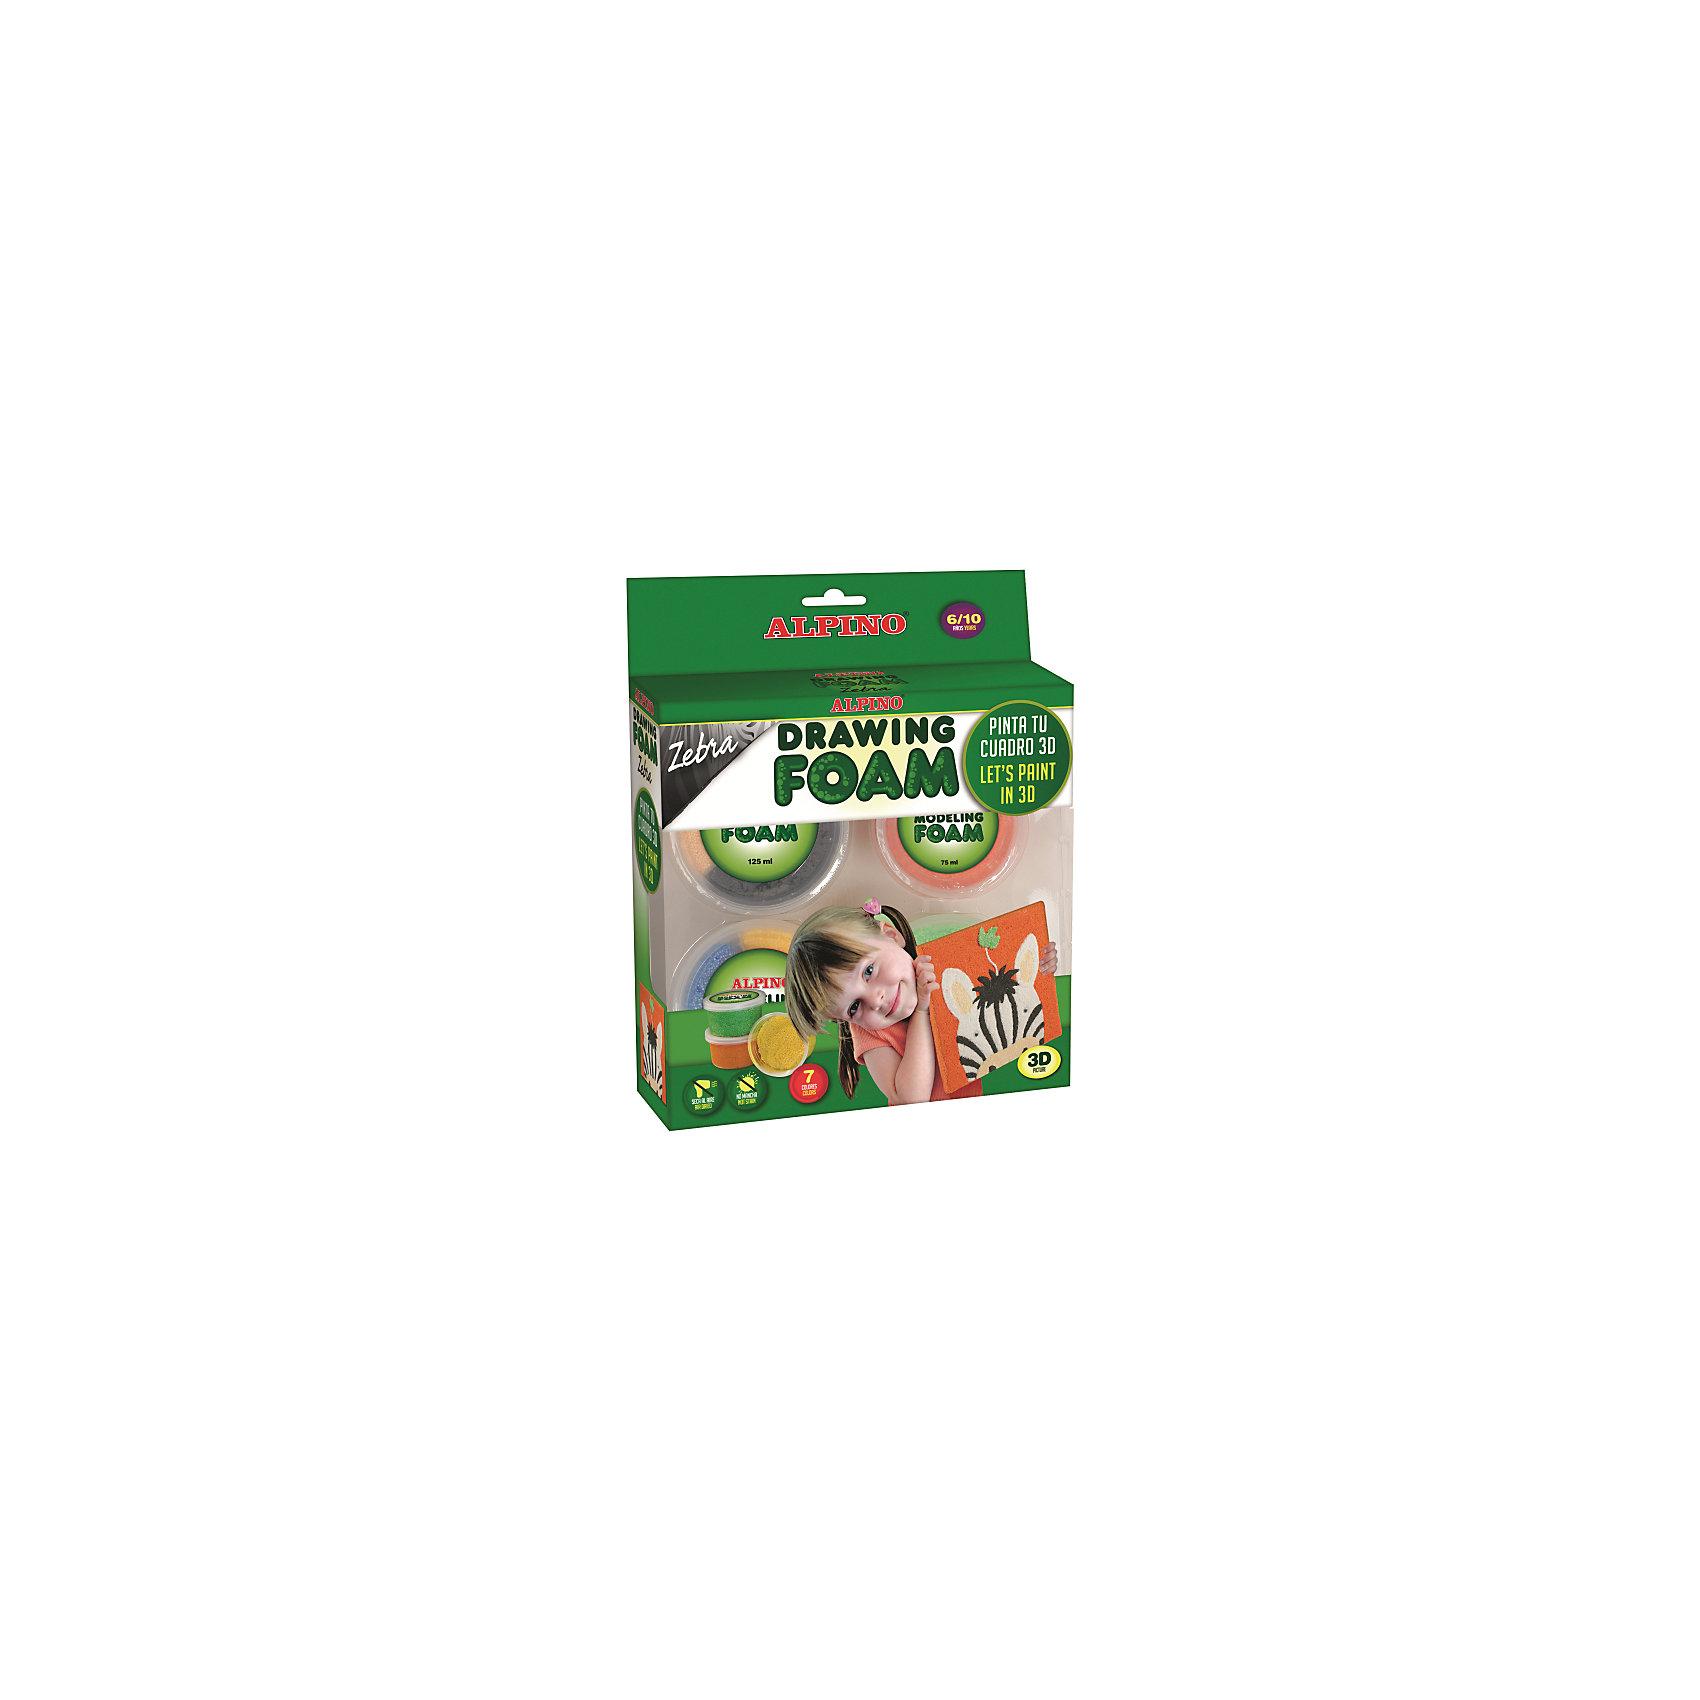 Набор шарикового пластилина ЗЕБРА, 1 x 75 мл и 3 x 125 мл = 450 мл, 7 цв.Лепка<br>В состав набора входит ШАРИКОВЫЙ ПЛАСТИЛИН (6 цветов, 450 мл), инструмент, пластиковая дощечка размером 20х20 см, двигающиеся глазки (2 шт)<br>Свойства:<br>??Не содержит компонентов молока, яиц, клейковины, орехов, бобов, латекса и других потенциально аллергенных веществ (Non-Allergic)<br>??Мягкий, лёгкий, пластичный материал, который легко разминается<br>??Может использоваться для объёмного рисования или декорирования (раскрашивания) рисунков и различных предметов из бумаги, картона, дерева, пластмассы и др. материалов, а также для моделирования (создание поделок) <br>??Кусочки материала замечательно прилипают друг к другу, но не прилипают к рукам и не пачкают их<br>??Чистые, яркие, насыщенные и устойчивые к выцветанию цвета<br>??Различные цвета могут смешиваться в любом сочетании, что позволяет получать новые цвета и оттенки<br>??Полное высыхание при комнатной температуре составляет примерно 12 часов, после чего материал приобретает упругость и надёжно сохраняет форму объёмного рисунка, который можно разместить на стене детской комнаты, на мебели и т.п.<br>??Не пачкается, не крошится, не оставляет пятен и легко удаляется с паркета, любого напольного покрытия, мебели, одежды и тканей<br>Способ применения: <br>1) Выберите цвет, который будете использовать. Размешайте шариковый пластилин в течение нескольких секунд, чтобы добиться более однородной текстуры<br>2) Равномерно распределите шариковый пластилин по дощечке. Используйте инструмент для того, чтобы наметить рисунок<br>3) Чтобы завершить работу, закрепите движущиеся глазки<br>К набору прилагается инструкция.<br>Производитель: ALPINO<br><br>ВНИМАНИЕ:<br>После занятий храните неиспользованный шариковый пластилин в баночках с герметично закрытыми крышками. Учитывайте, что материал изготовлен на водной основе, поэтому на воздухе по мере испарения влаги он приобретает более плотную консистенцию. При уплотнении материала его следует под